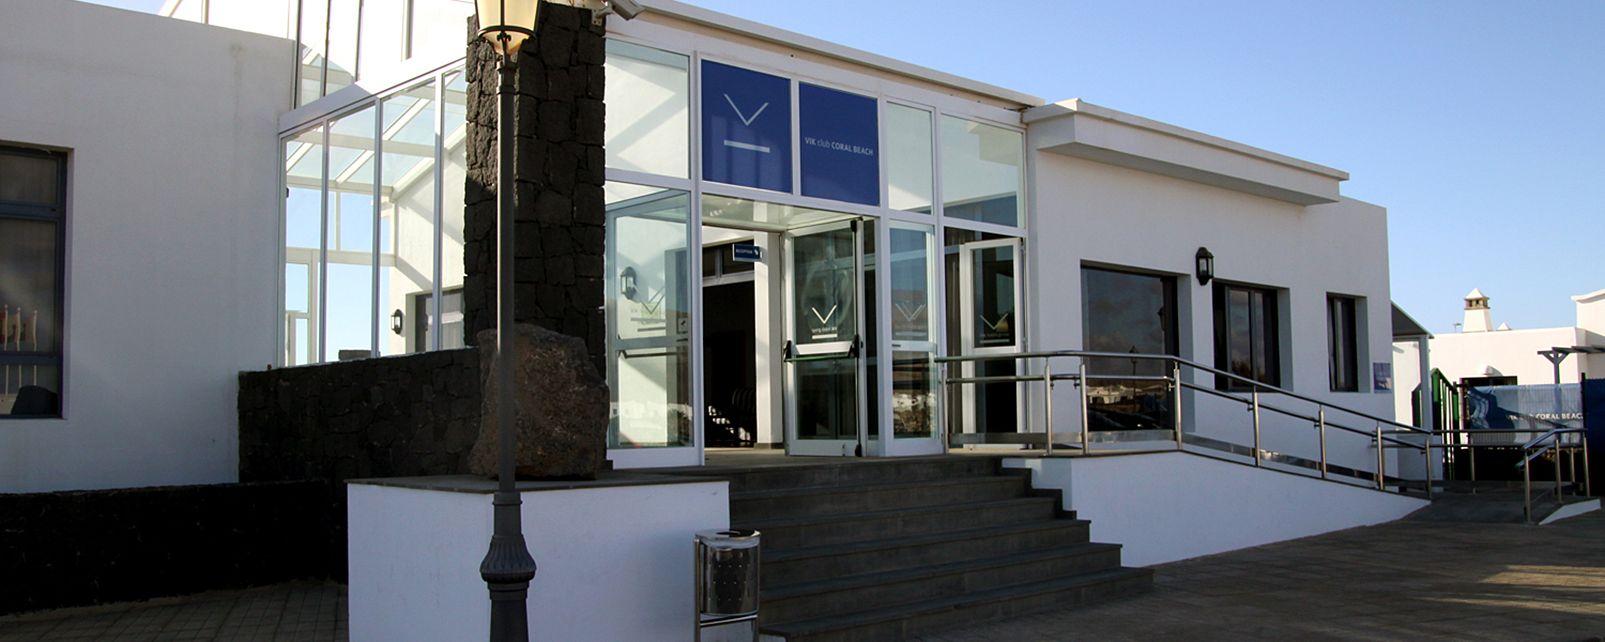 Hôtel Vik Coral Beach